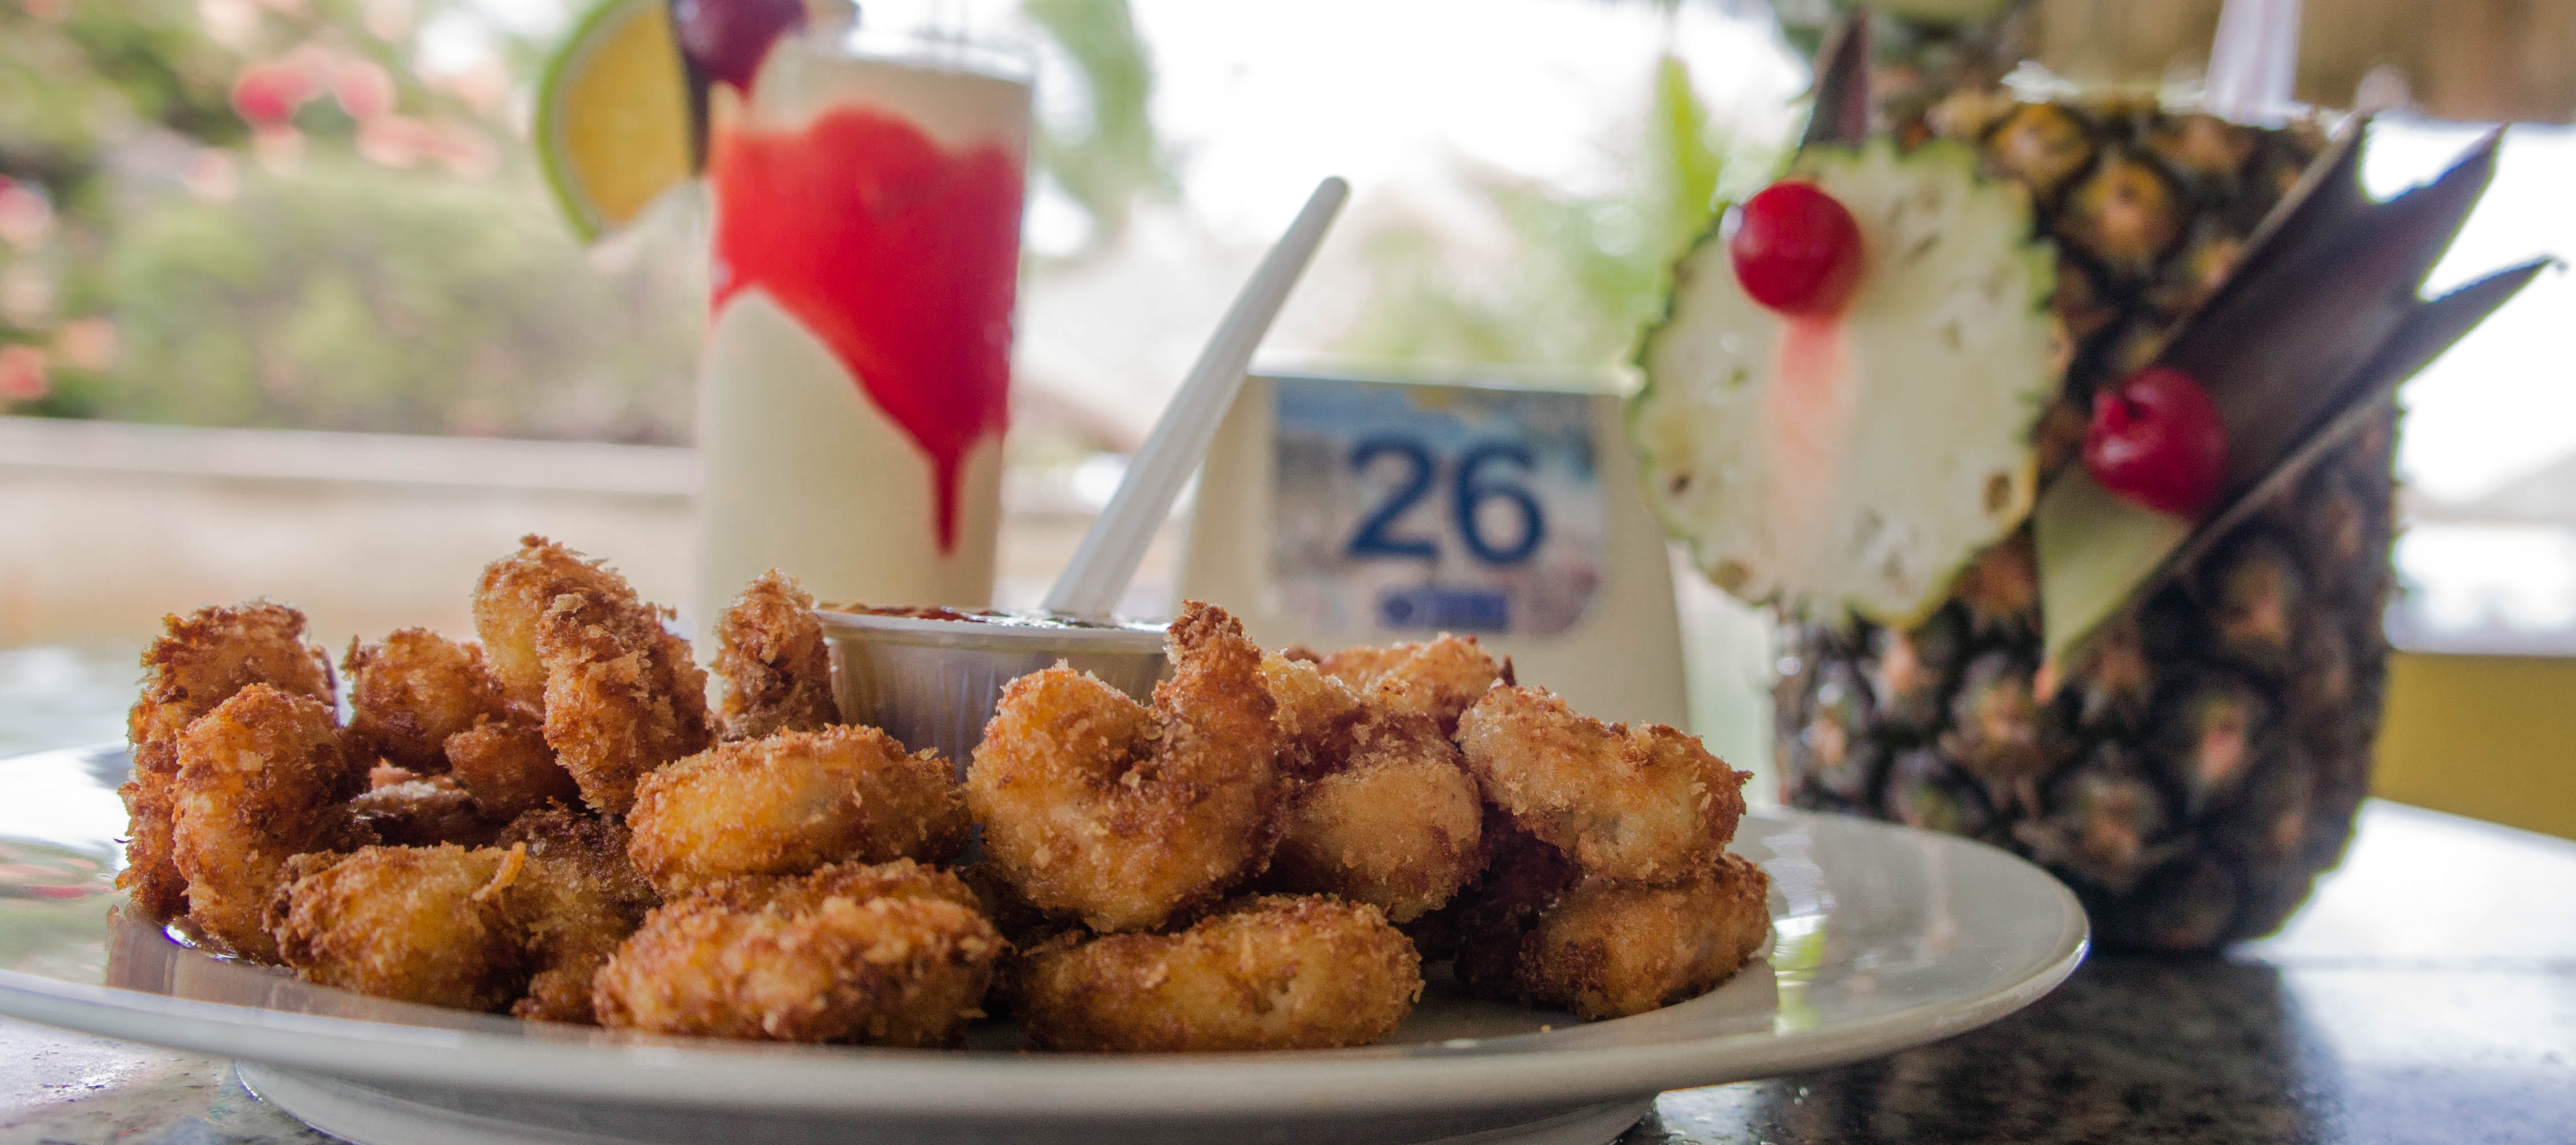 Manoa Park oferece experiência gastronômica em Maracajaú